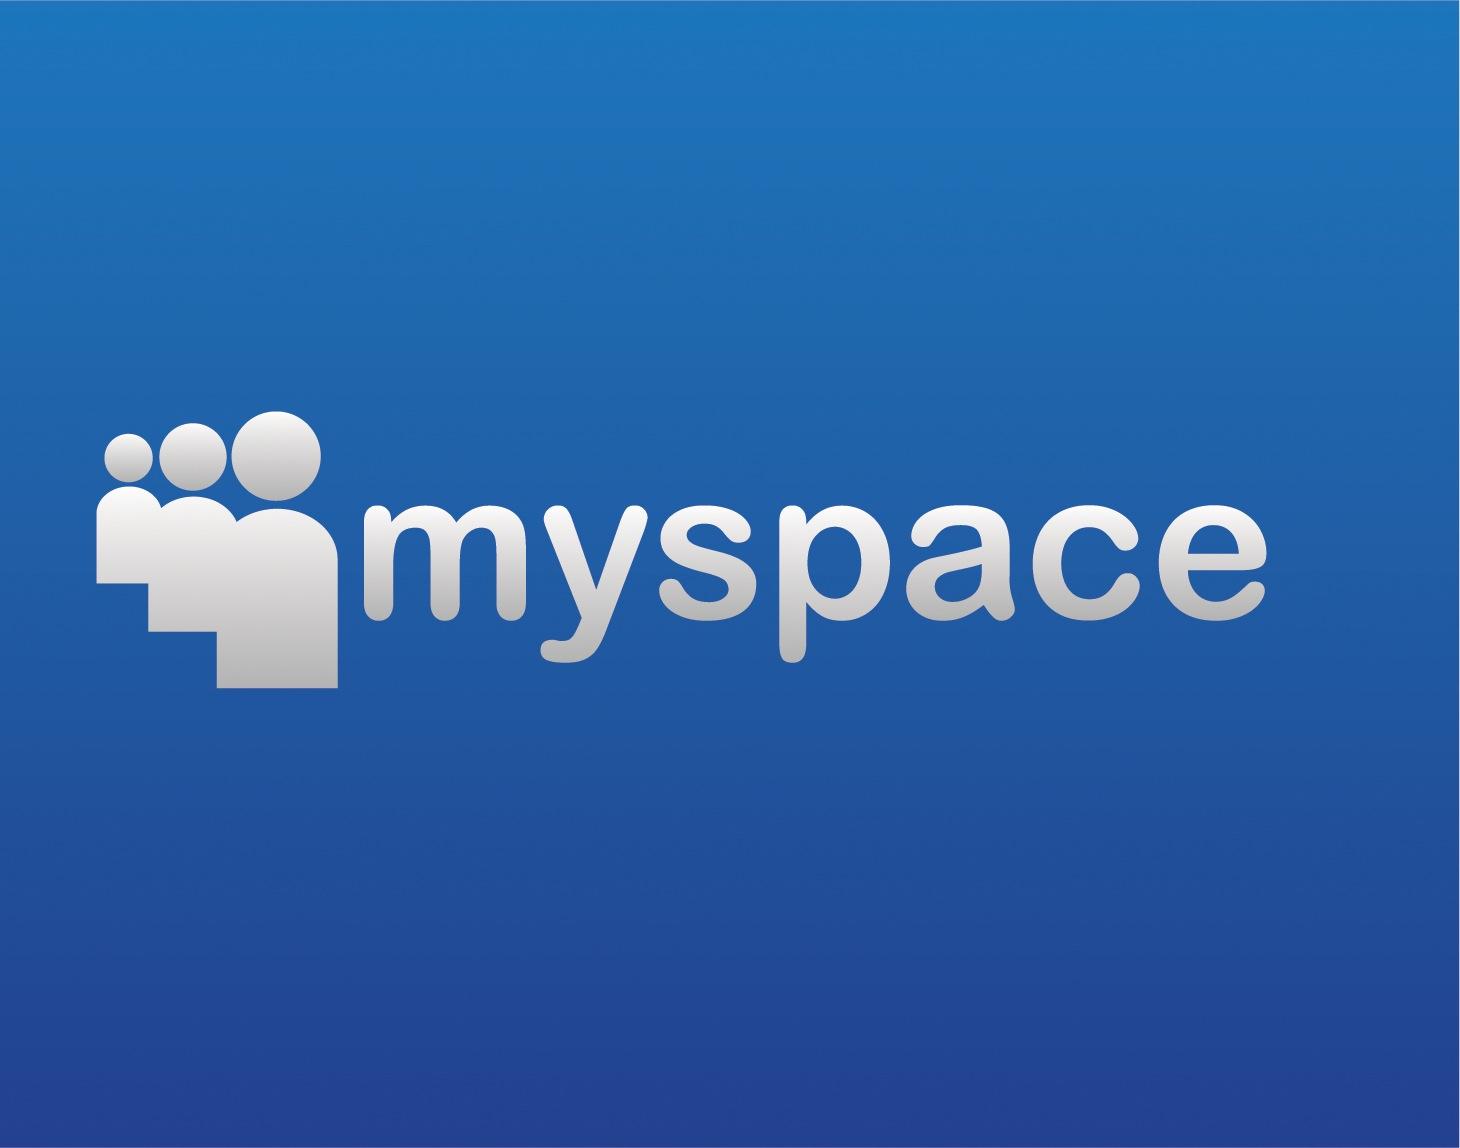 mypace.jpg